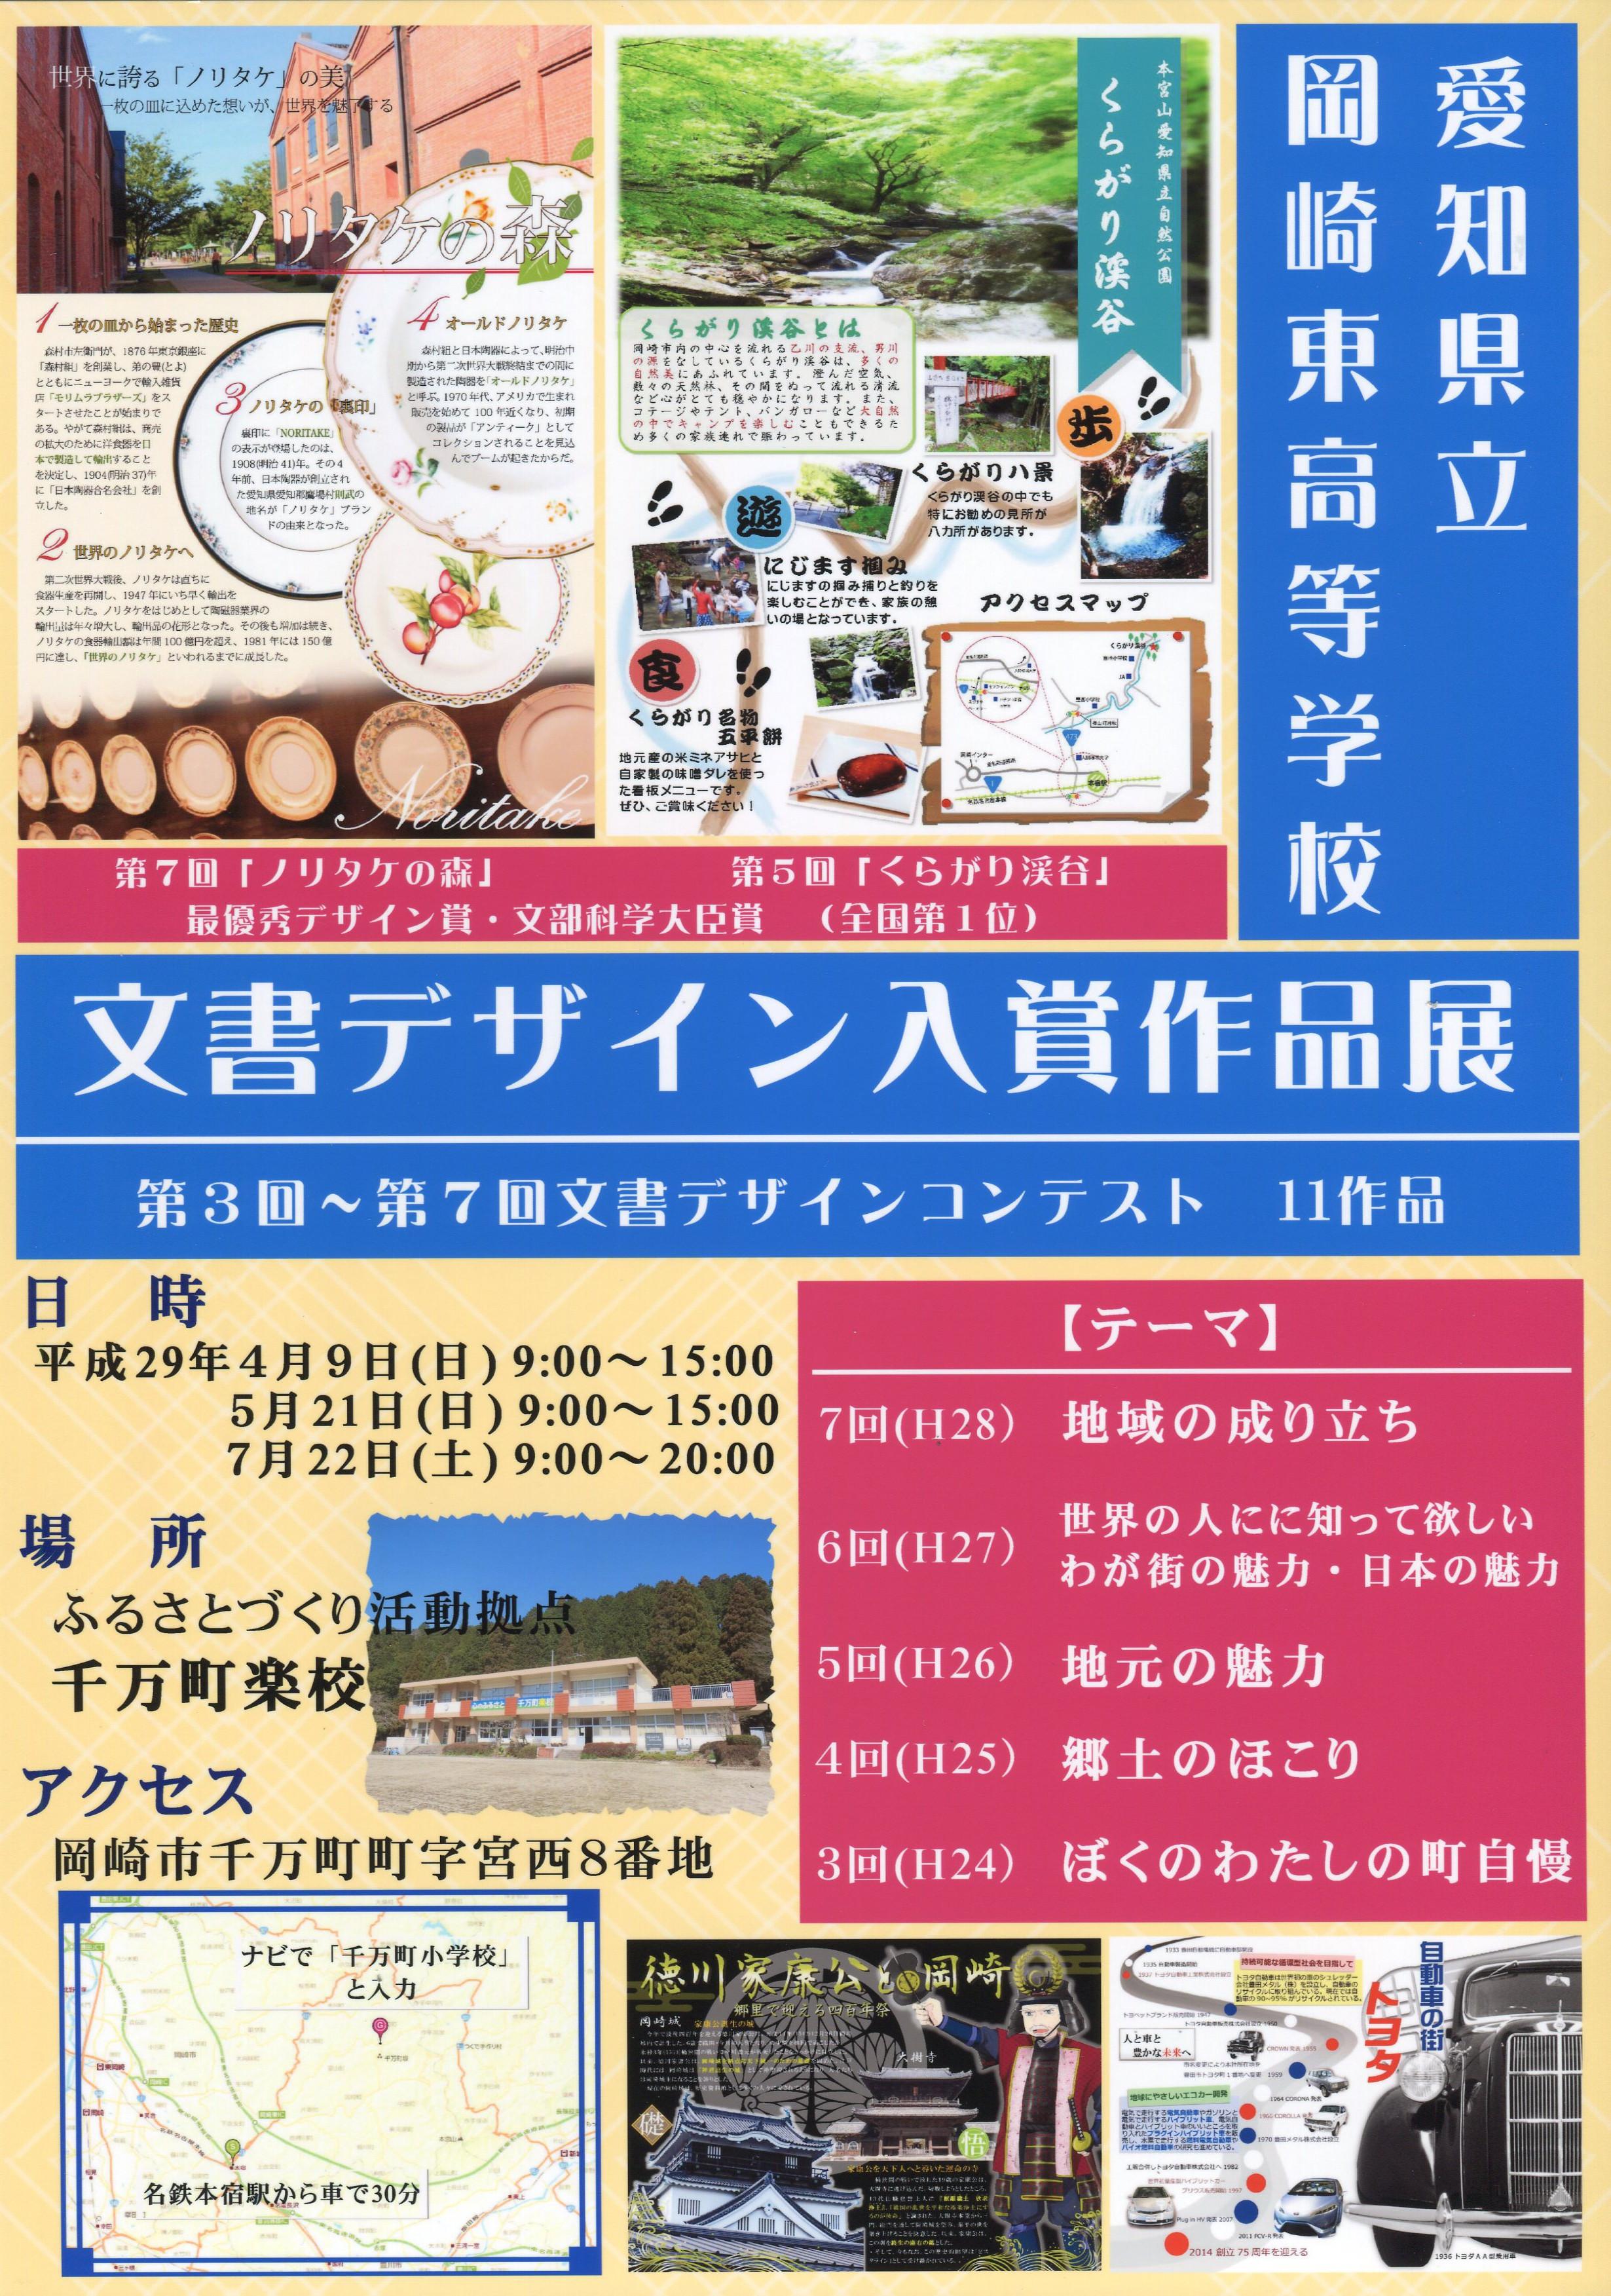 愛知県立岡崎東高等学校 文書デザイン入賞作品展